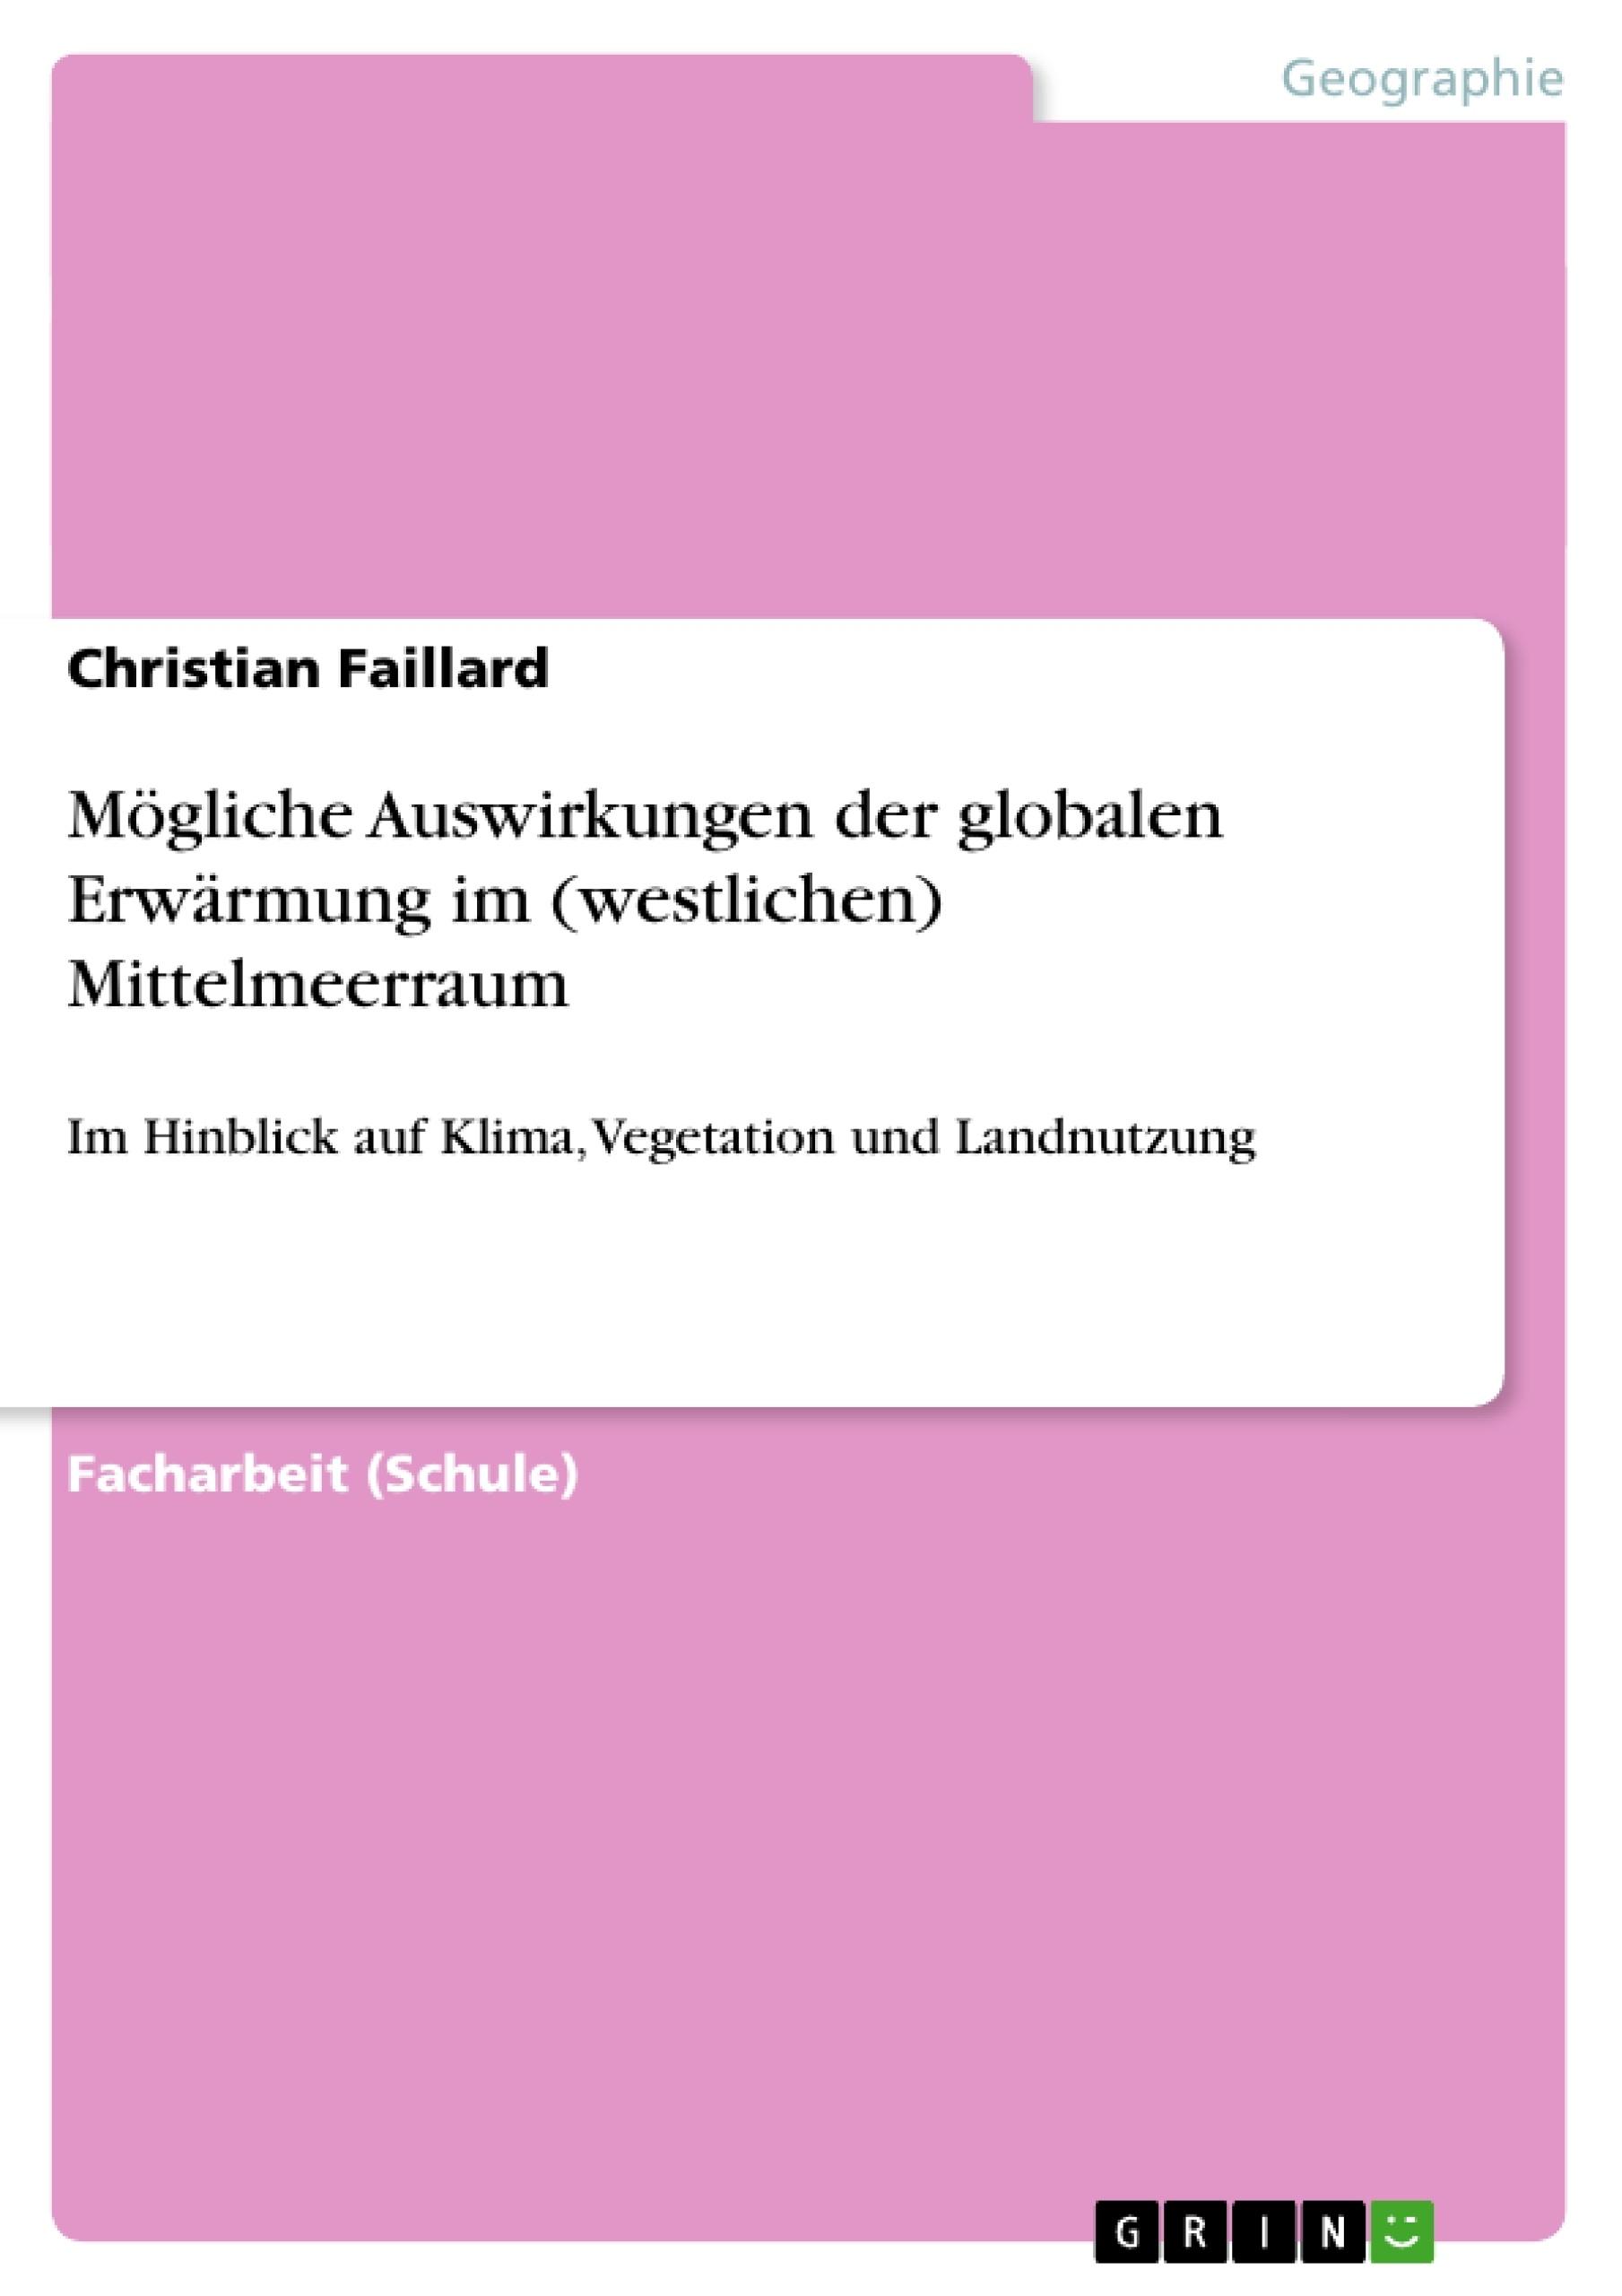 Titel: Mögliche Auswirkungen der globalen Erwärmung im (westlichen) Mittelmeerraum